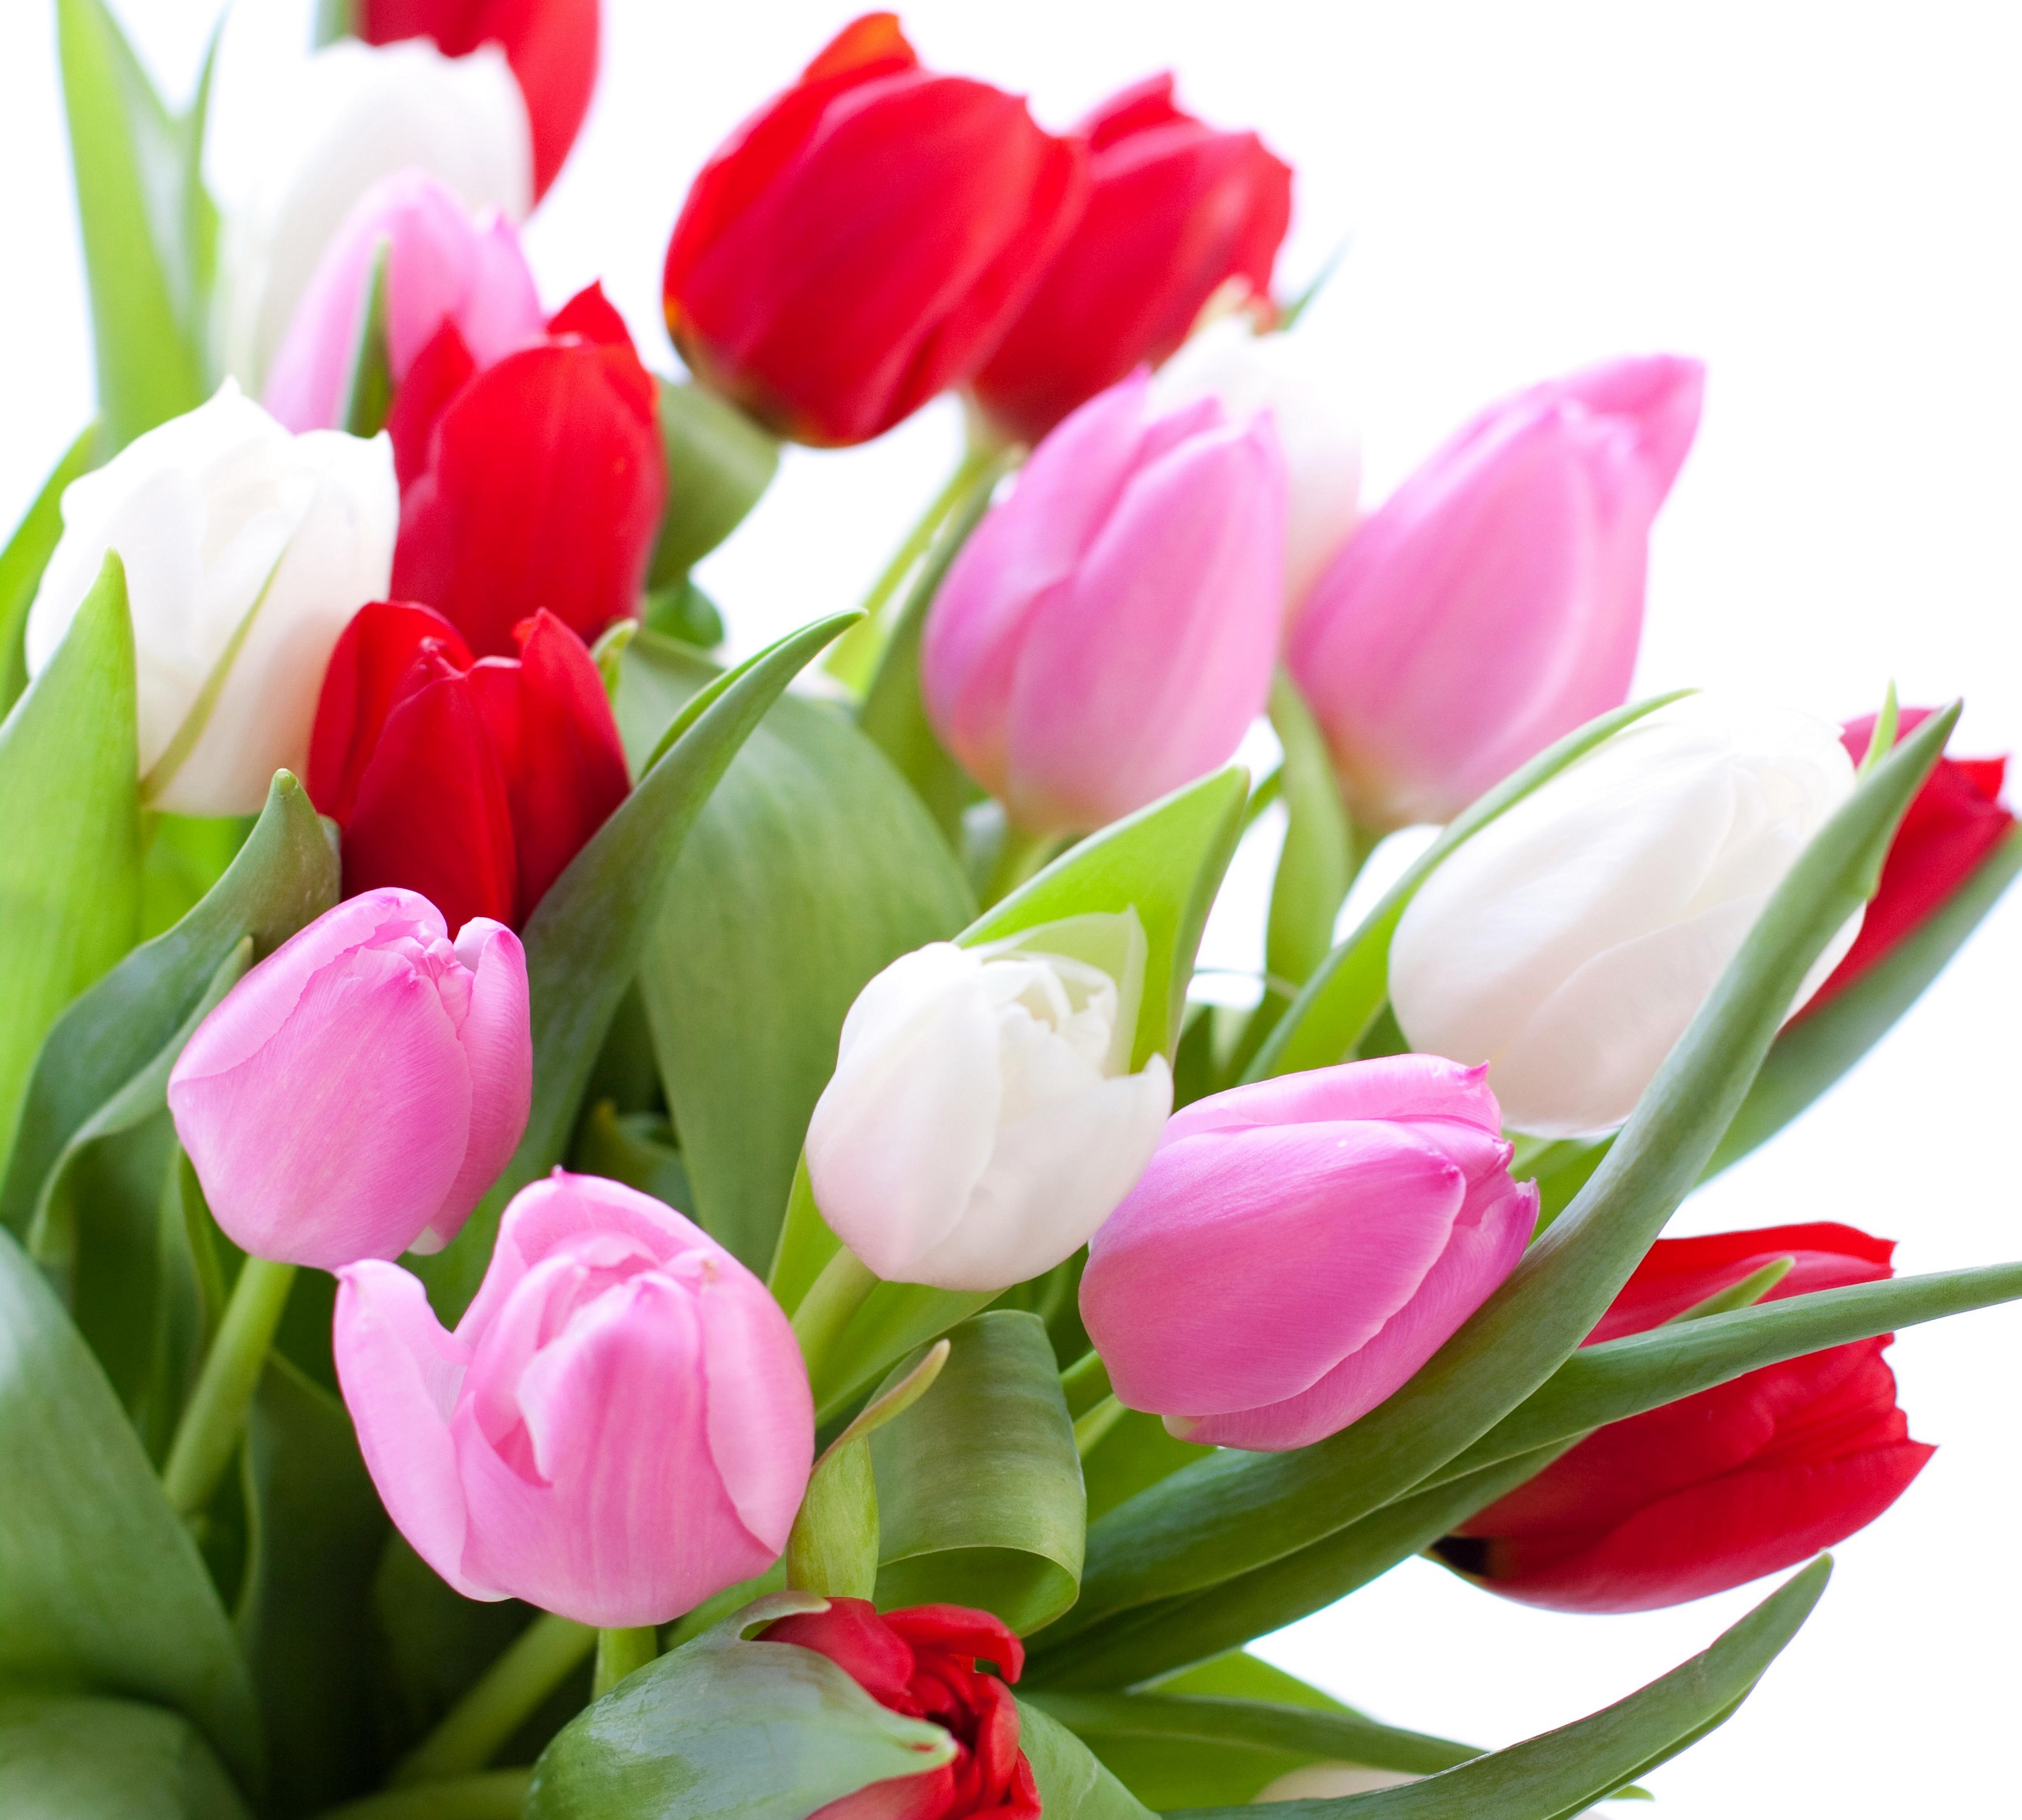 Tulip Wallpaper: Tulip 4k Ultra HD Wallpaper